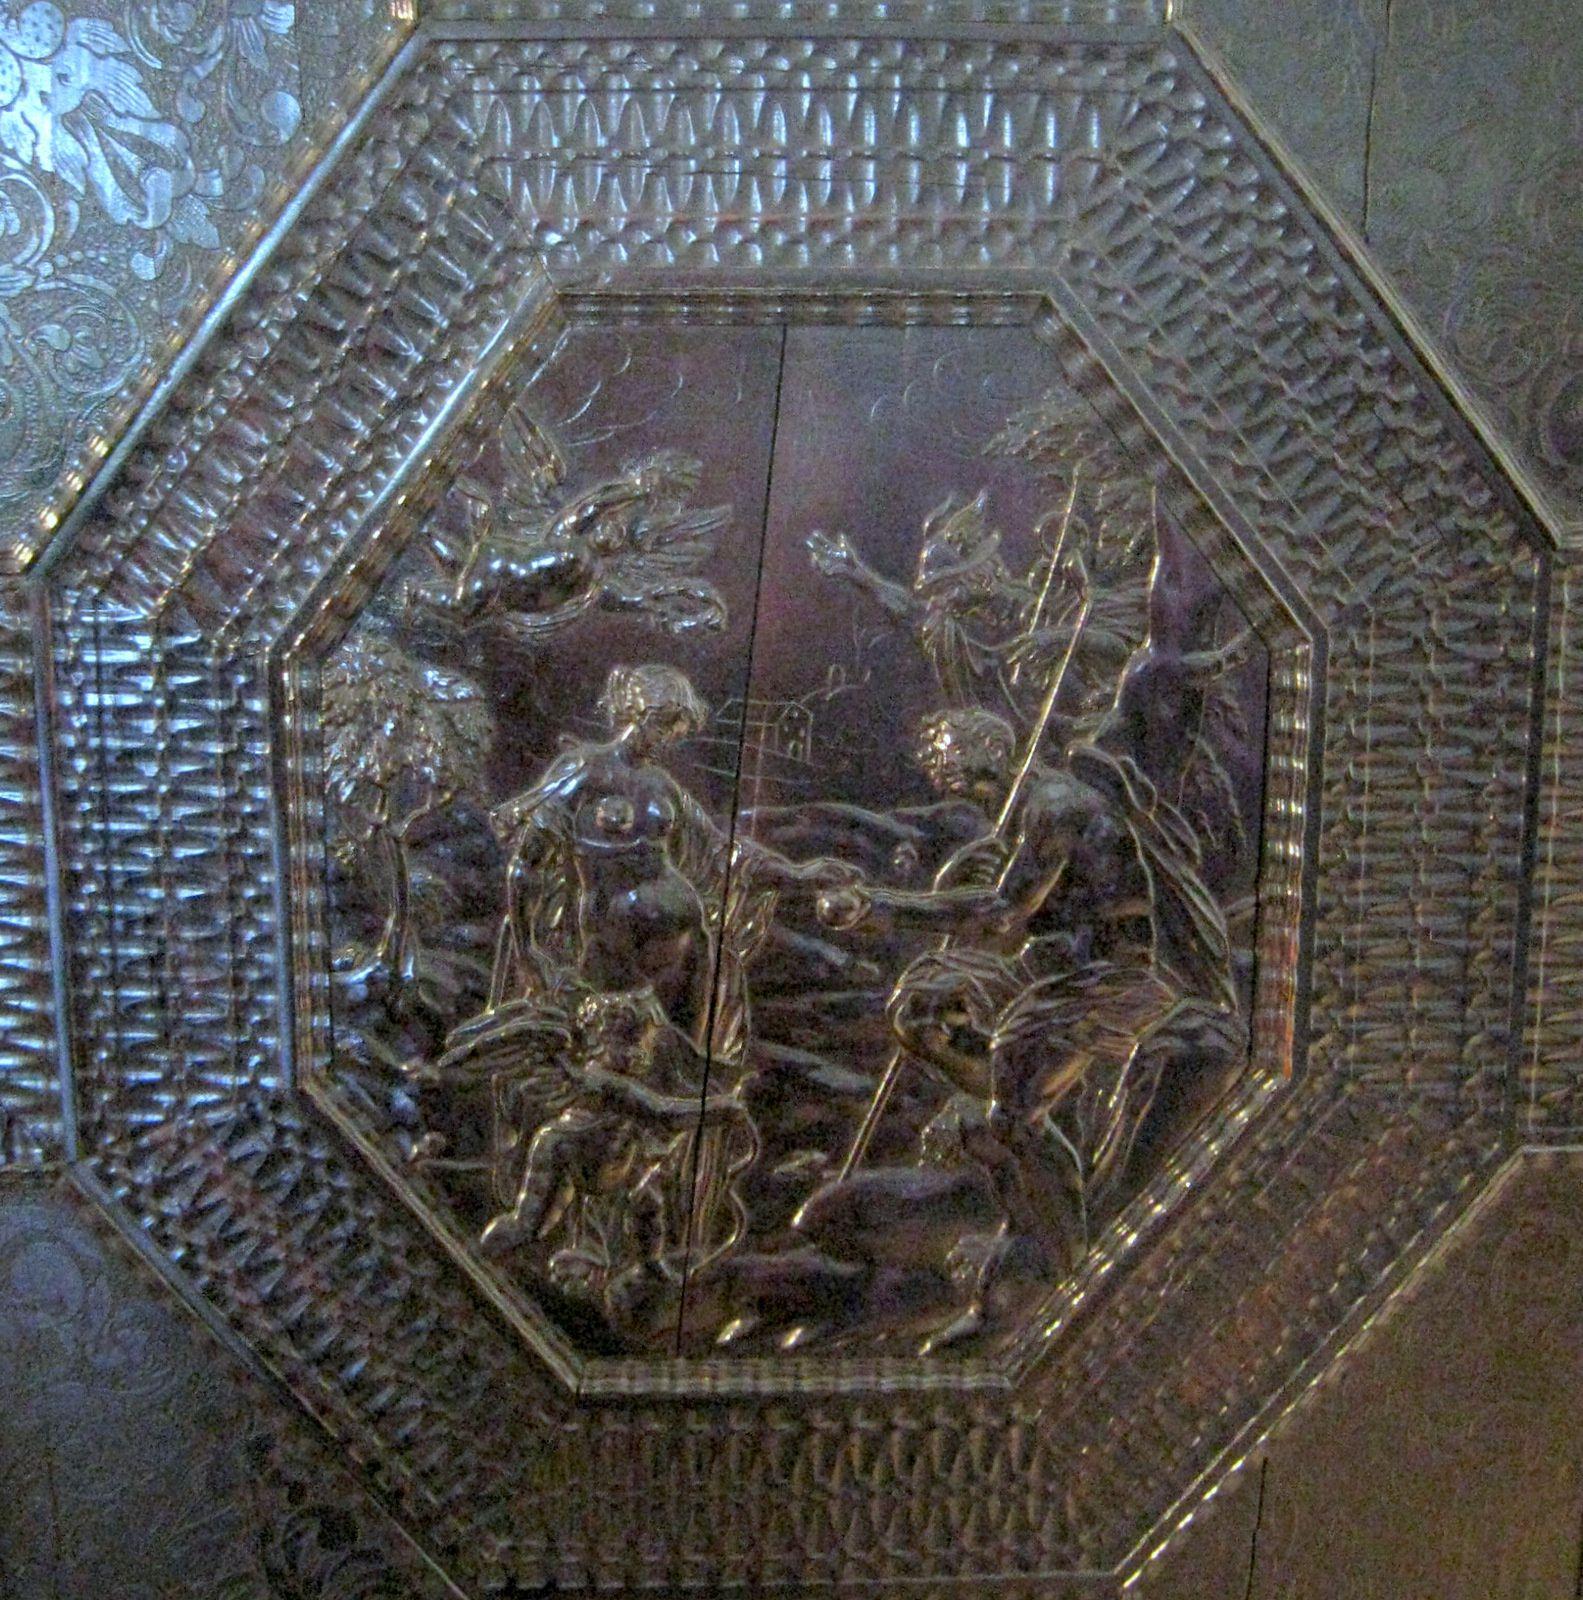 Les Meubles du Grand cabinet à l'italienne, château de Maisons-Laffitte